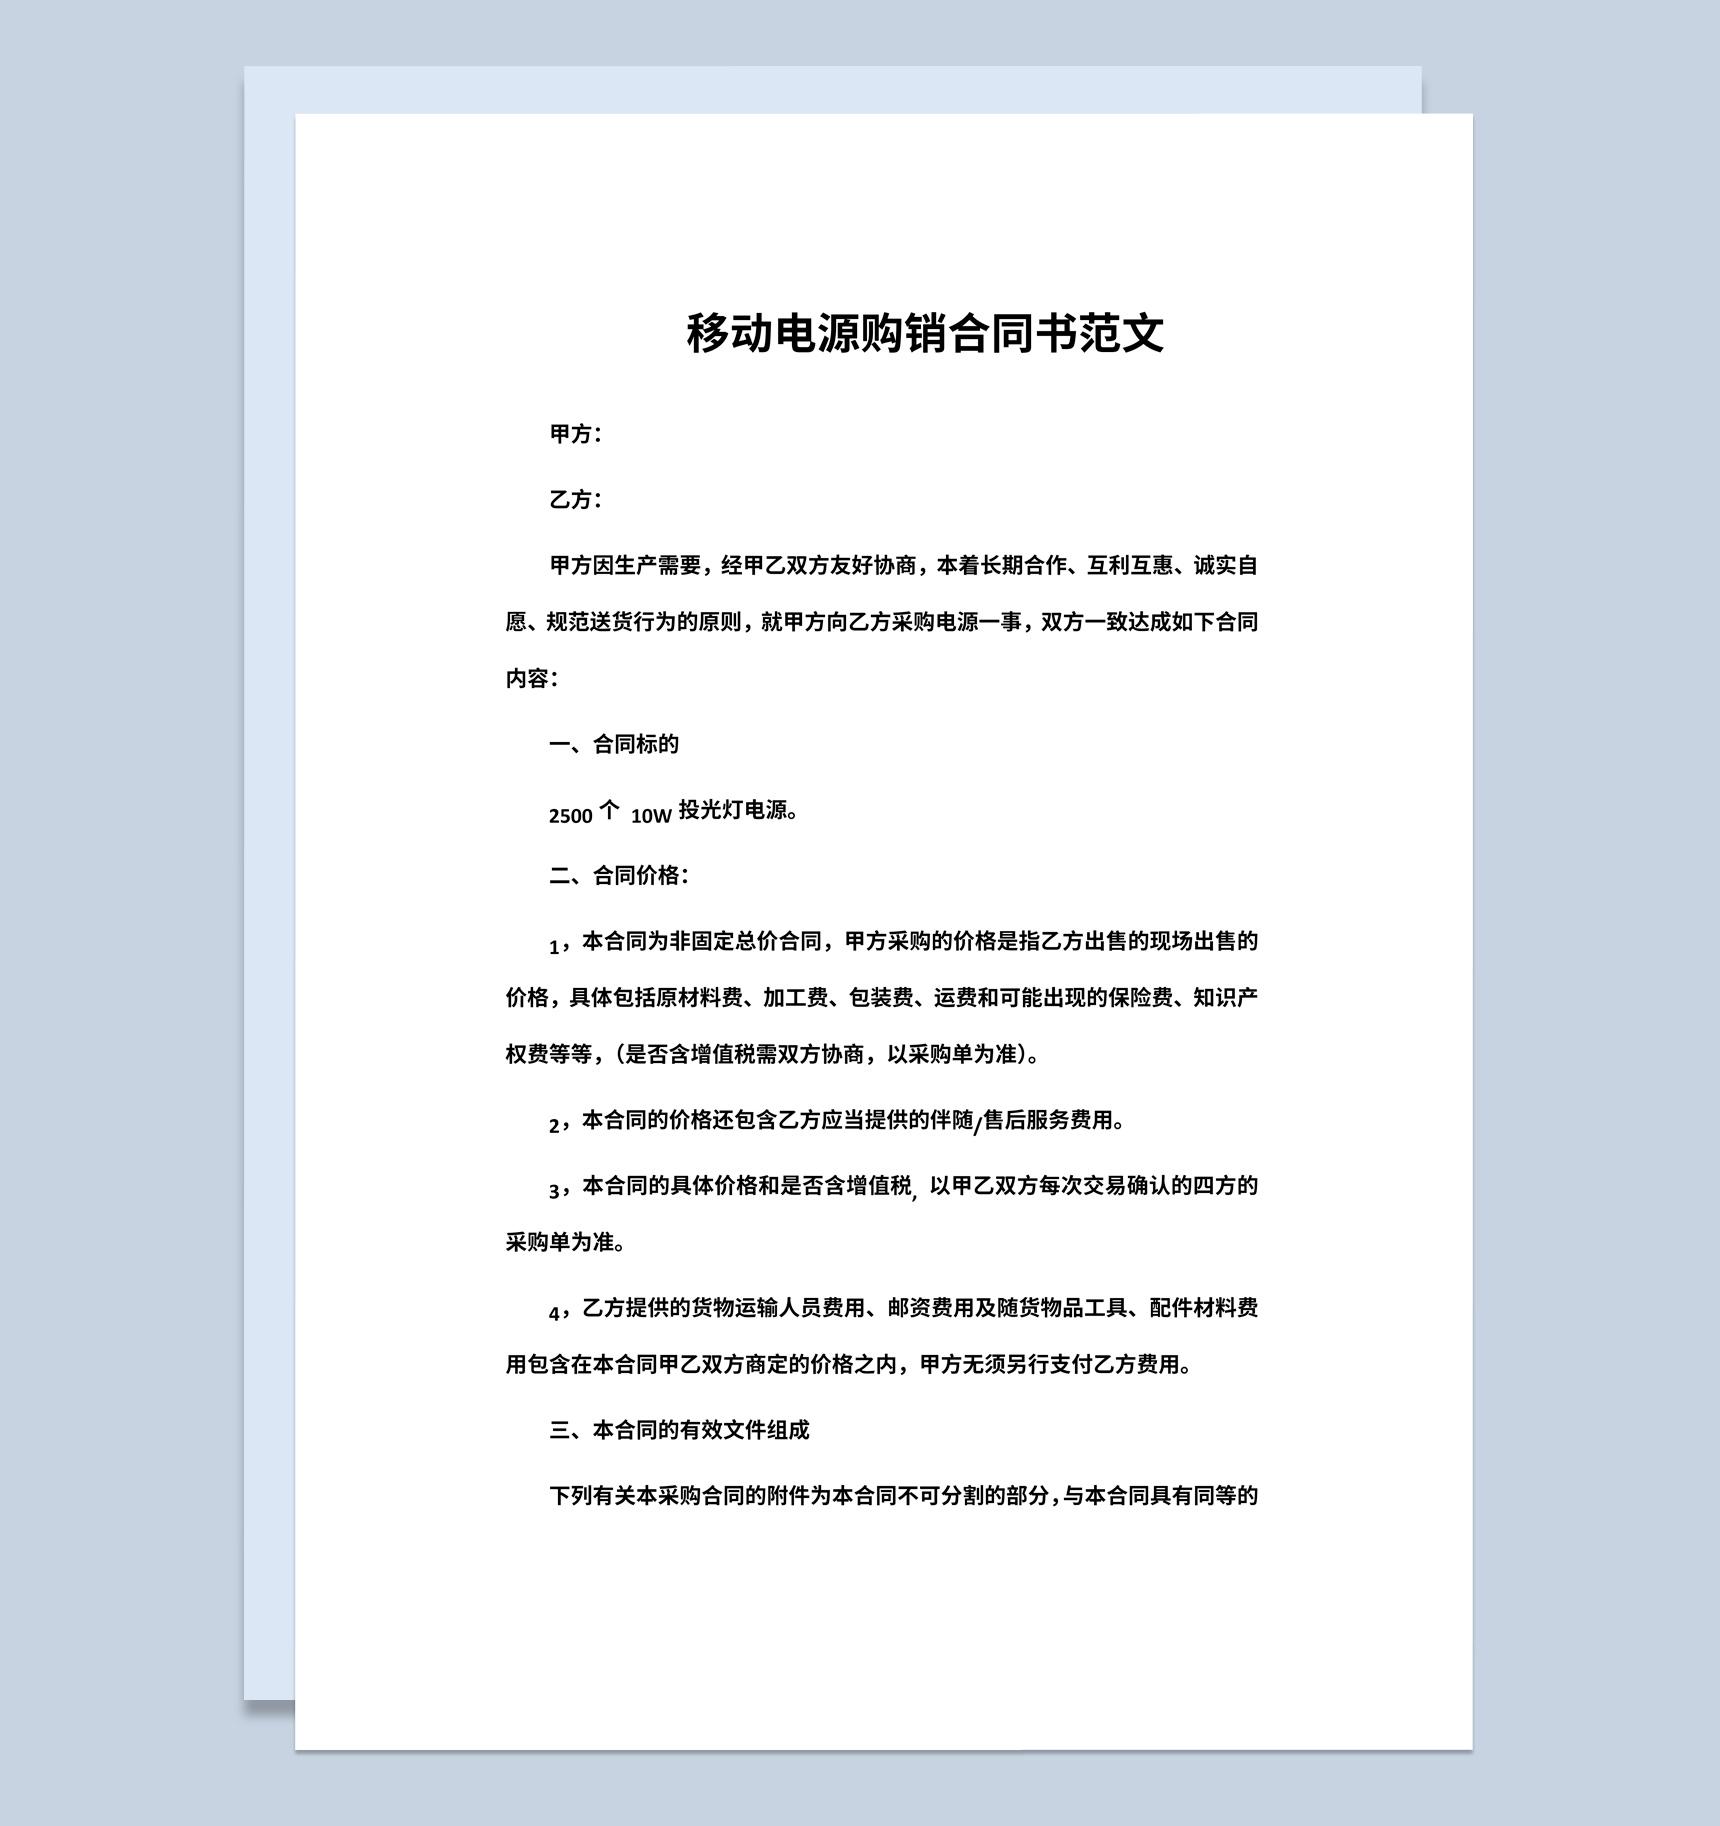 手机公司企业移动电源购销合同书范本Word模板